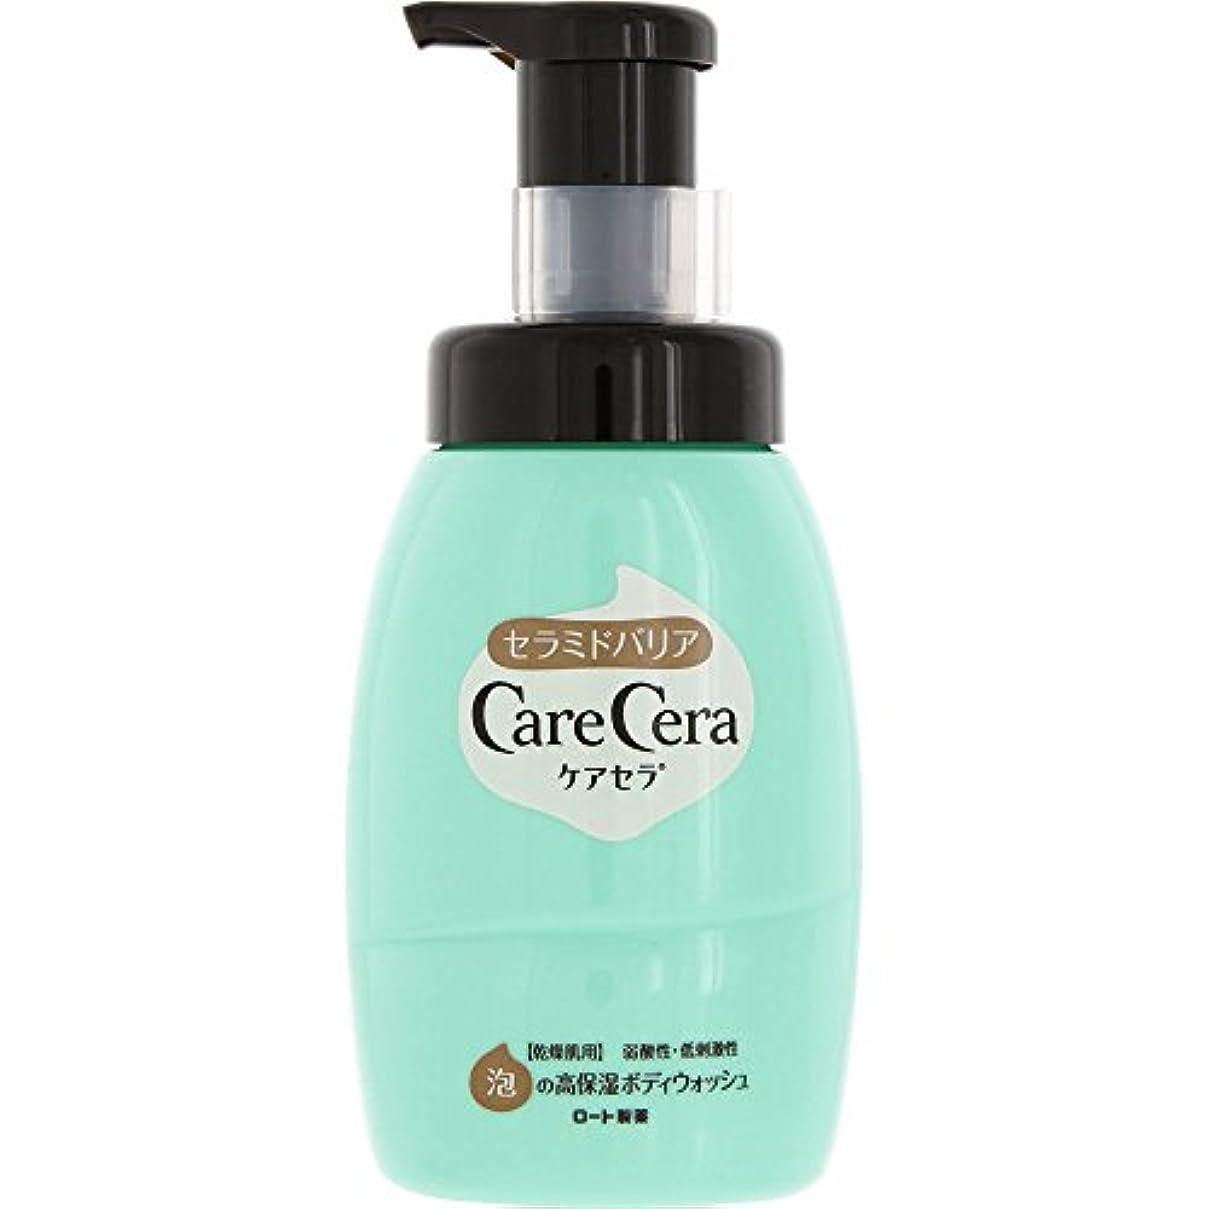 疲れた暴露コインランドリーケアセラ(CareCera) ロート製薬 ケアセラ  天然型セラミド7種配合 セラミド濃度10倍泡の高保湿 全身ボディウォッシュ ピュアフローラルの香り お試し企画品 300mL